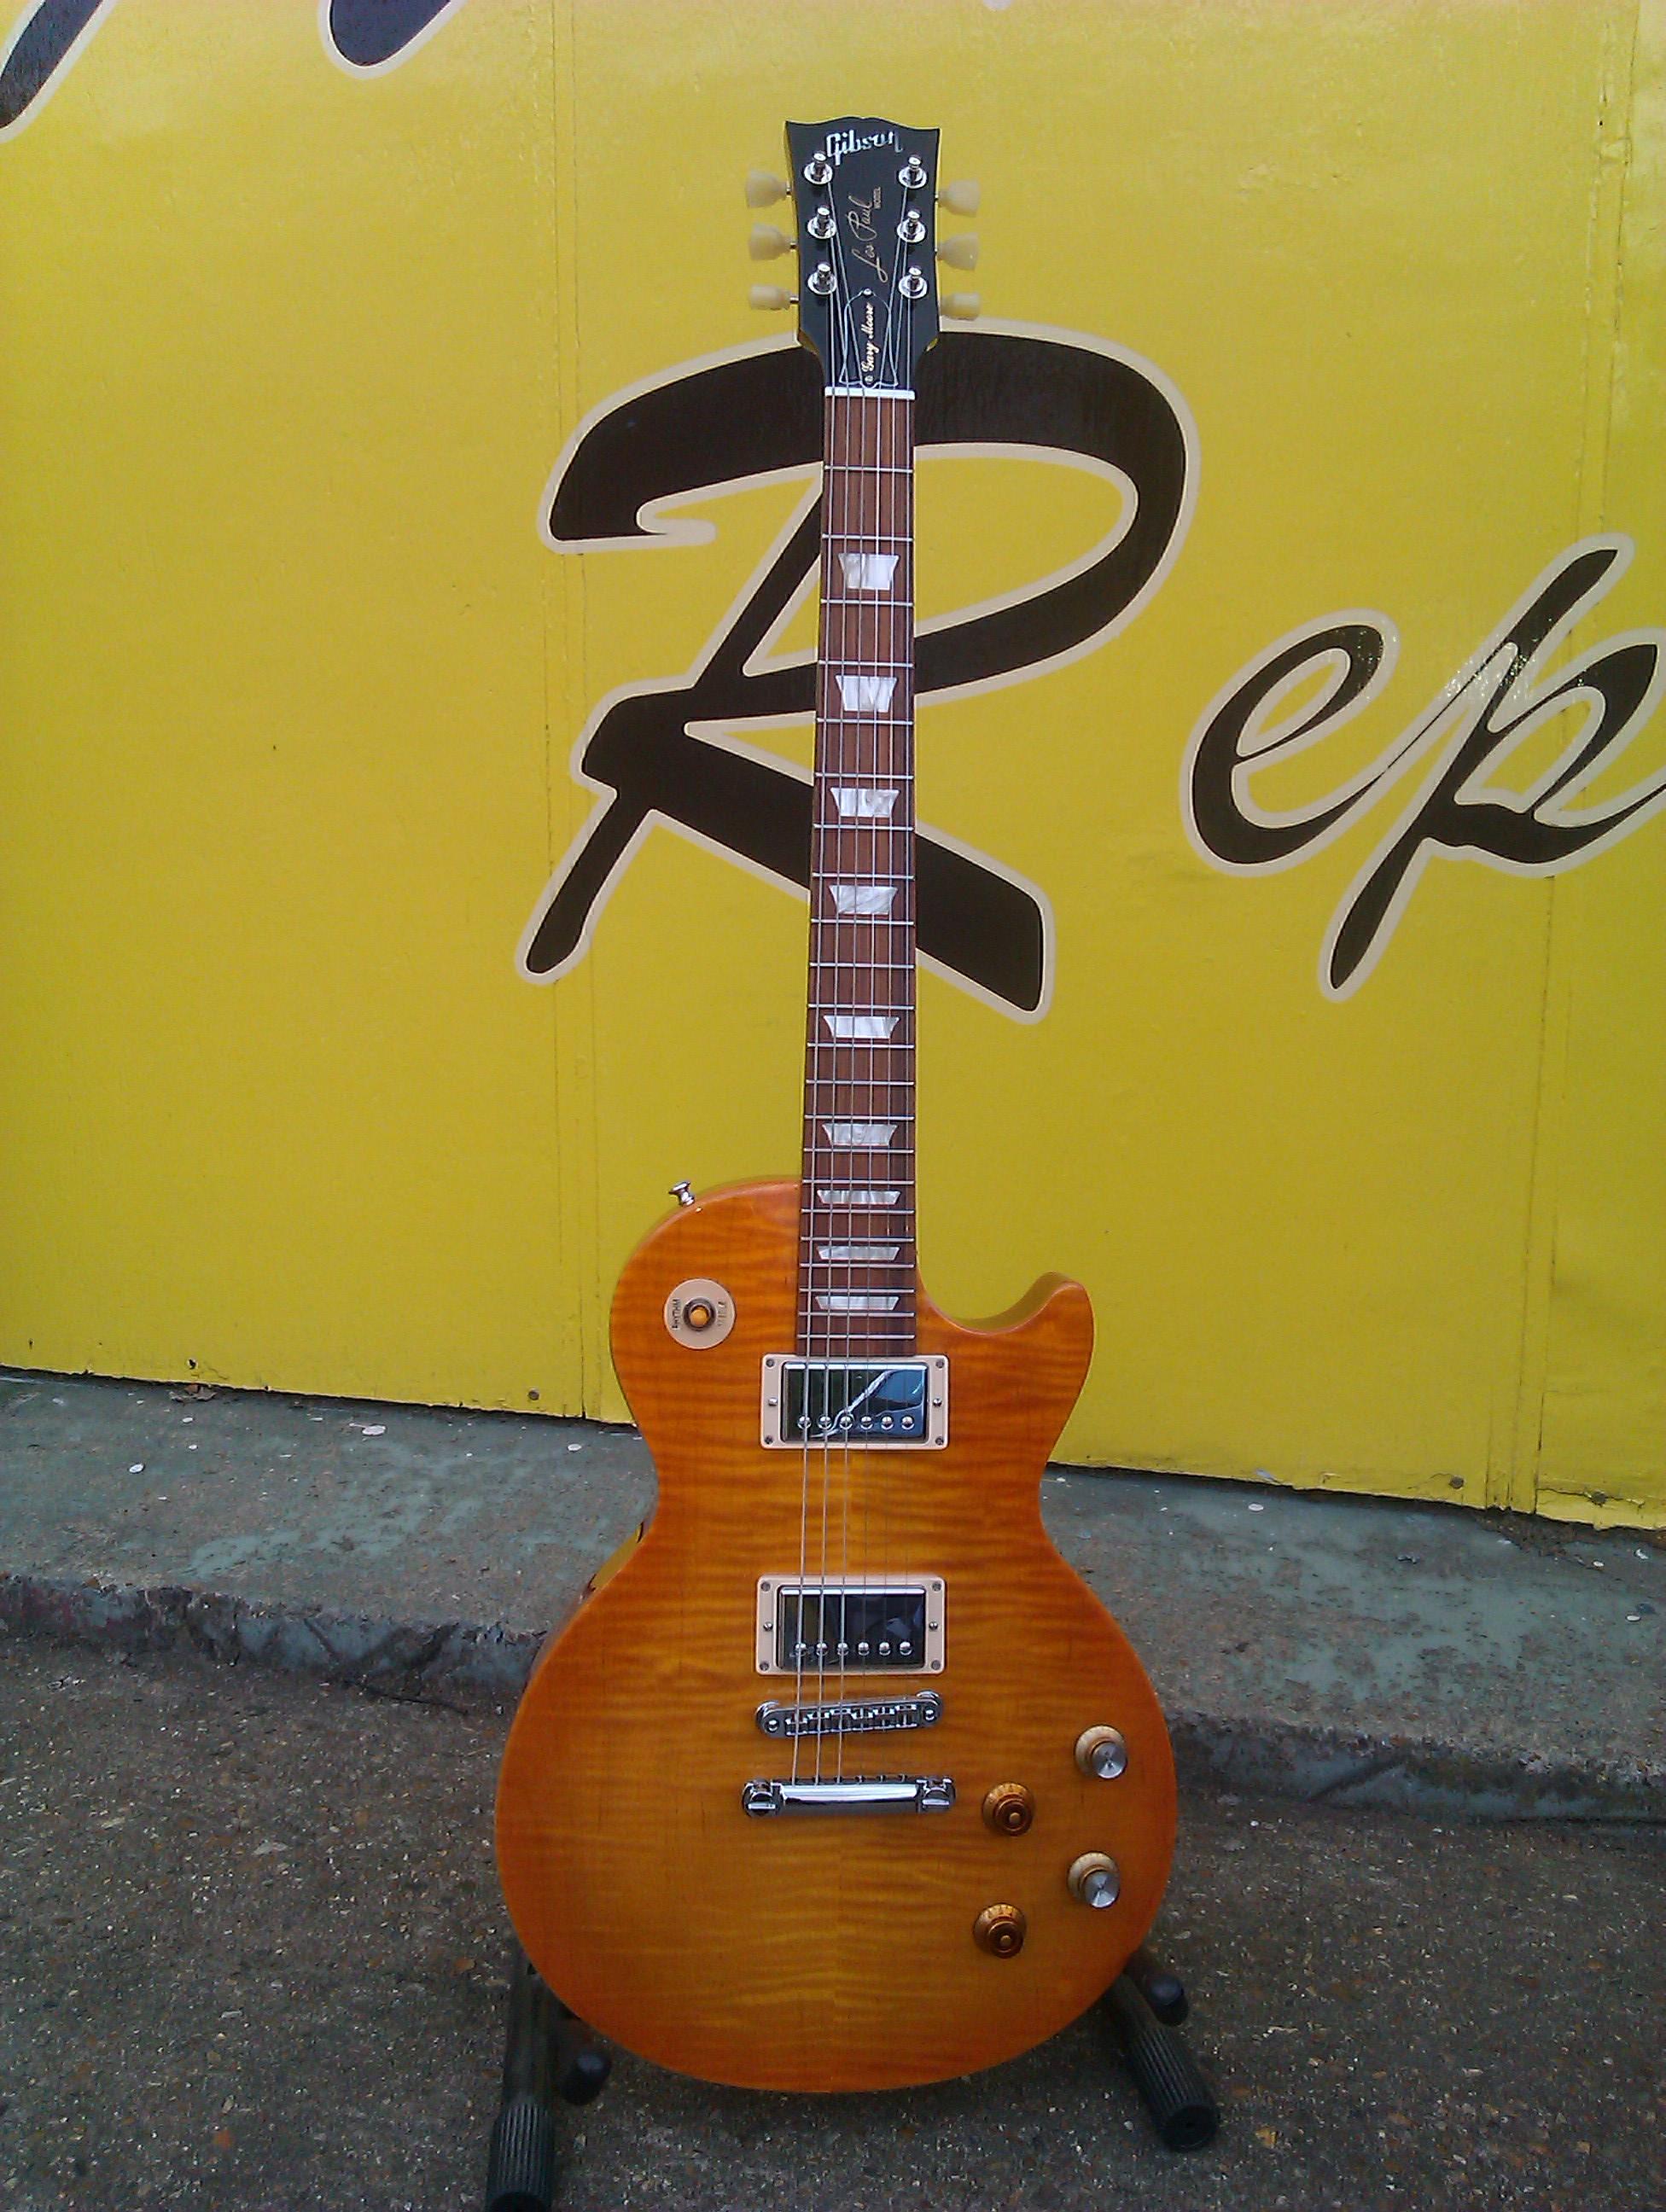 A signature signature guitar....